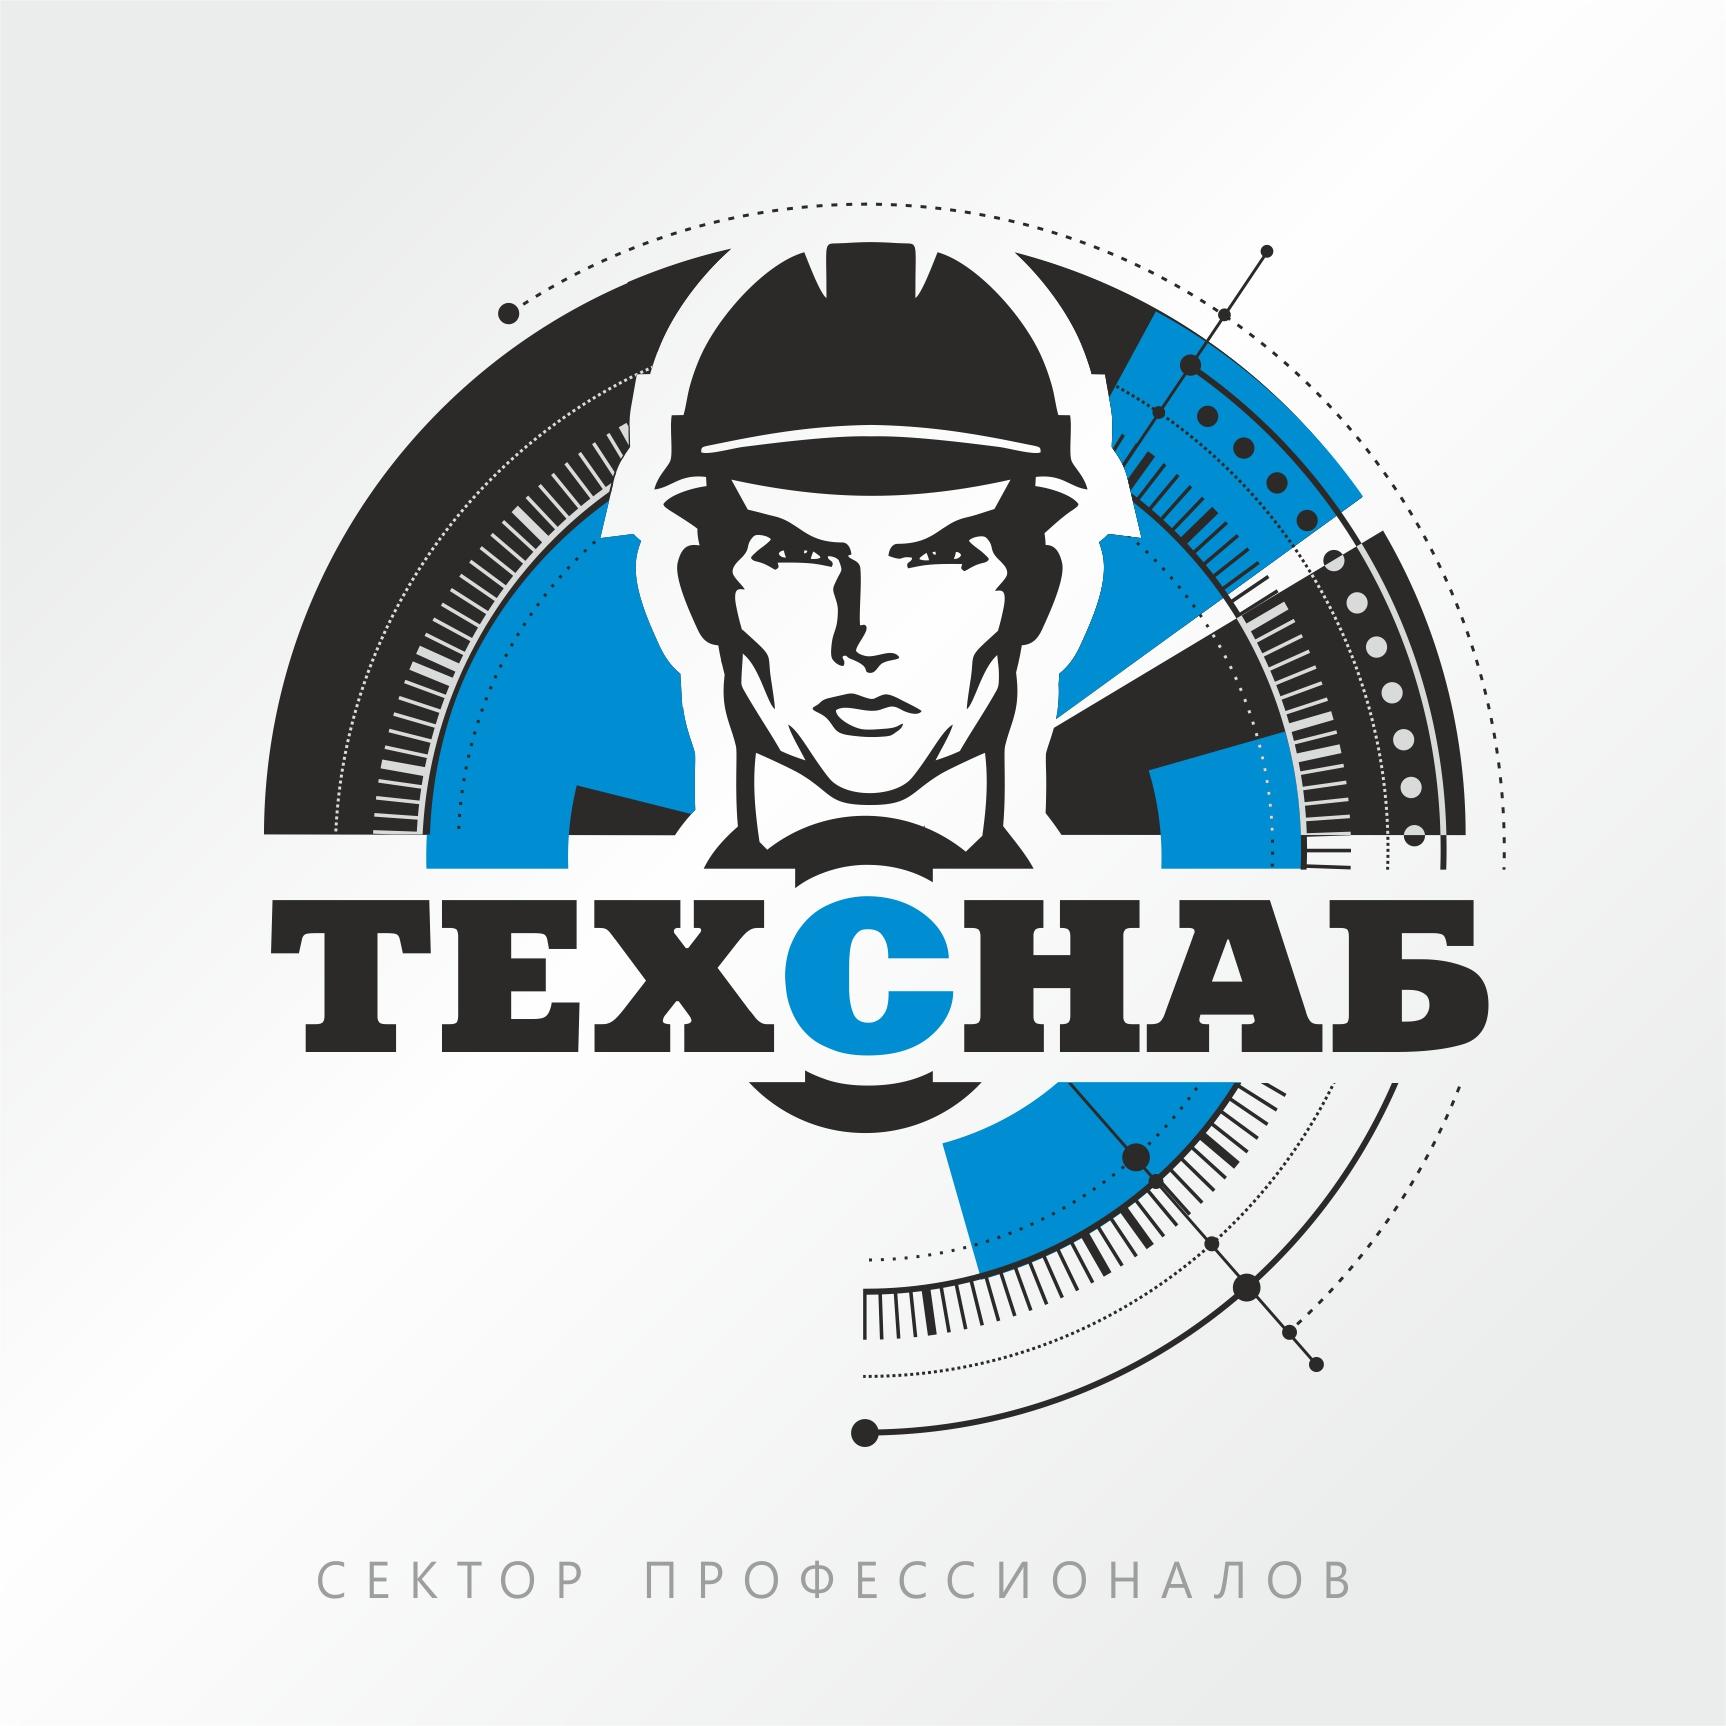 Разработка логотипа и фирм. стиля компании  ТЕХСНАБ фото f_4875b1d7de8346dc.jpg